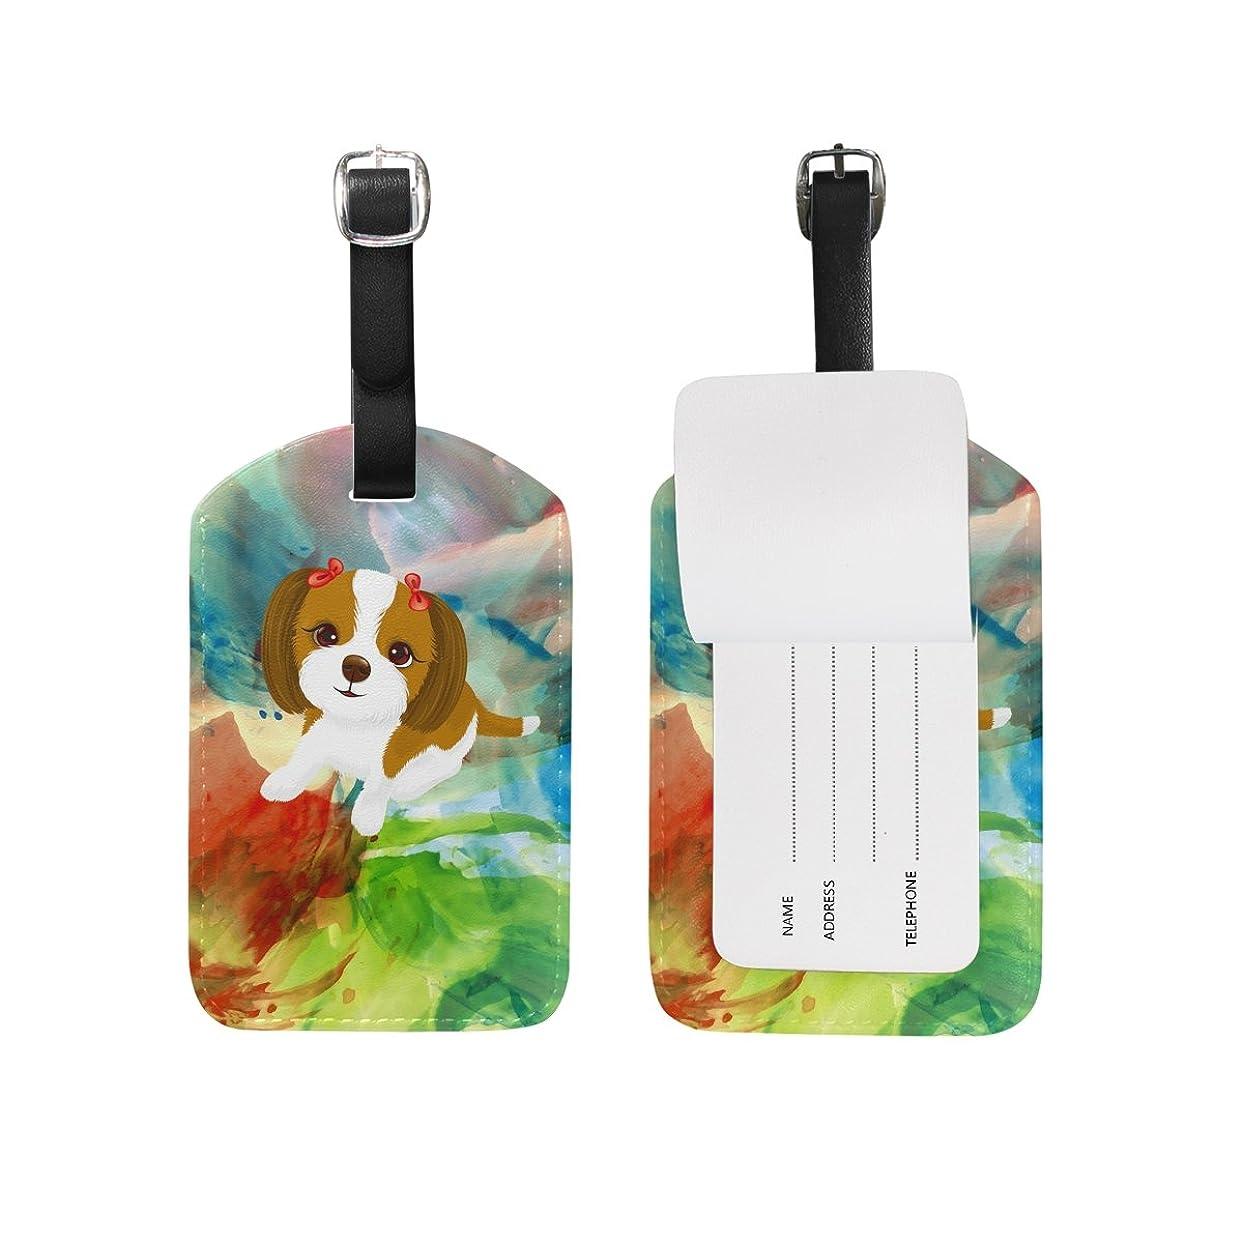 反応する汚す管理者アート子犬犬荷物をトランクラベルリュックサックスーツケース キッズ ジュニアID 旅行用品(2pcs)